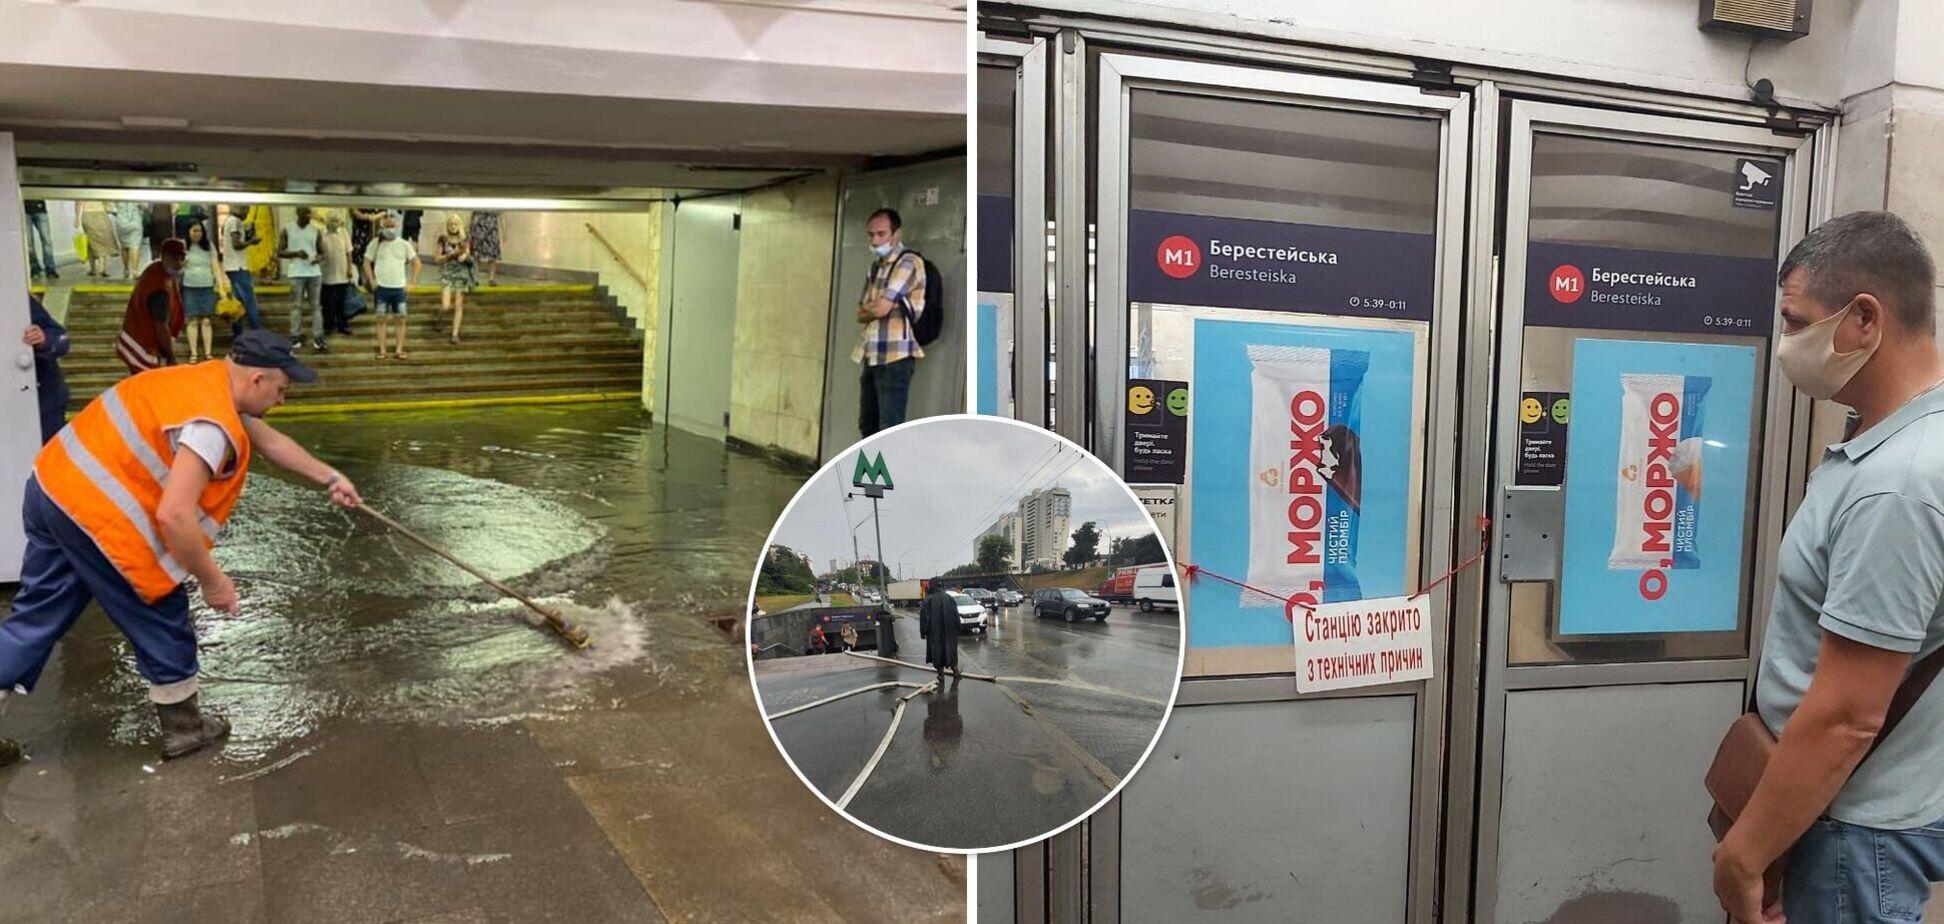 В Киеве станцию метро залило водой: как она выглядит после потопа, и что там происходит. Фото и видео